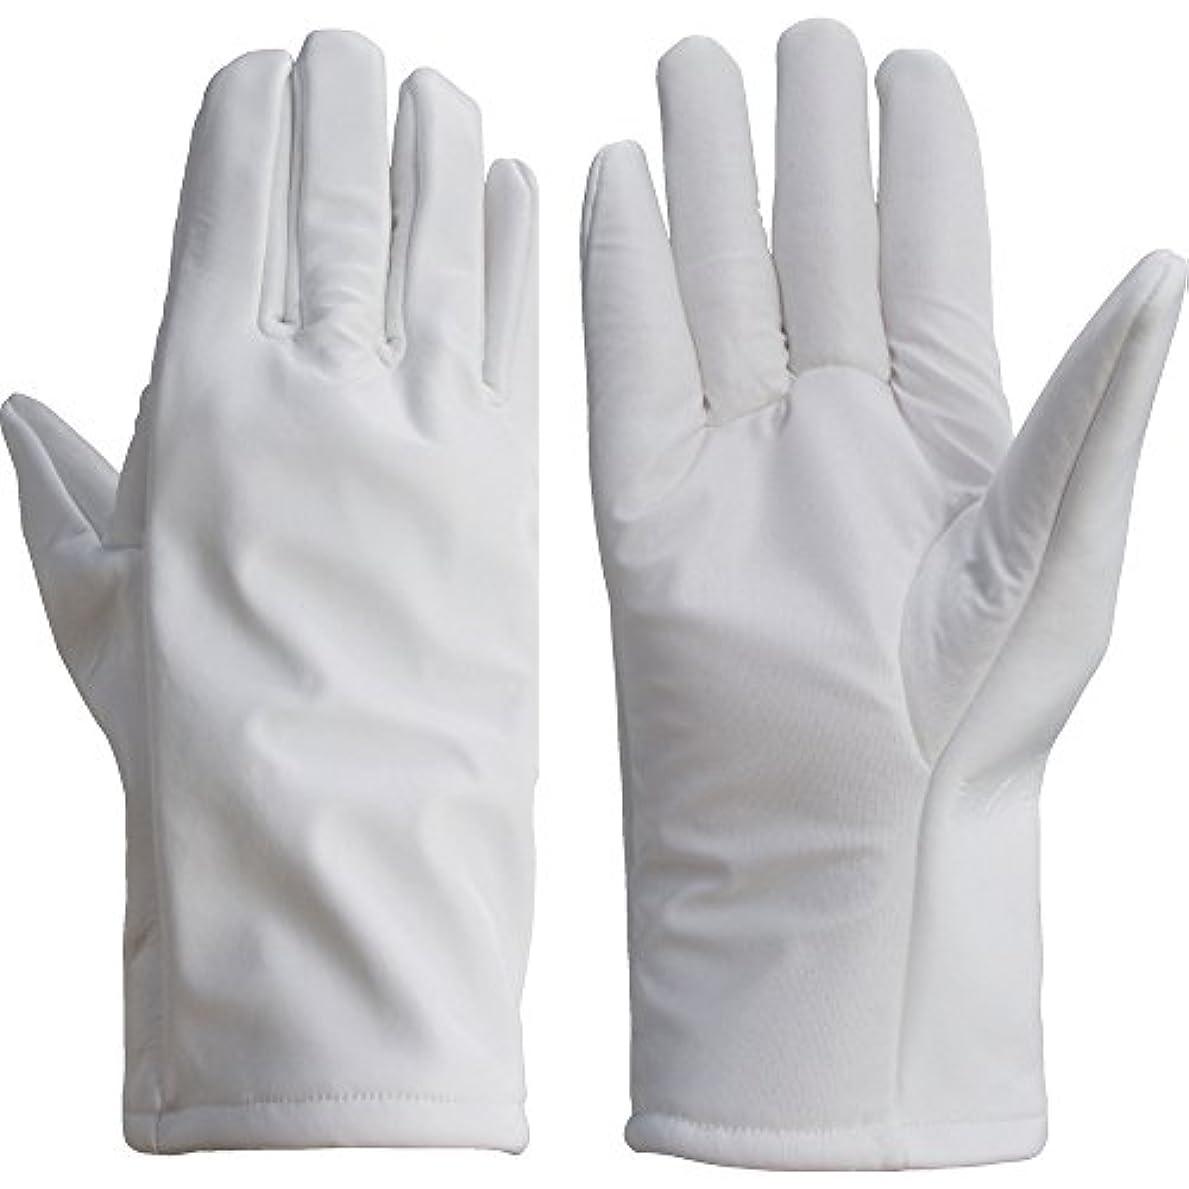 高揚したチーター虚弱ウインセス クリーン耐熱手袋 M (1双入) 3904-M 耐熱手袋